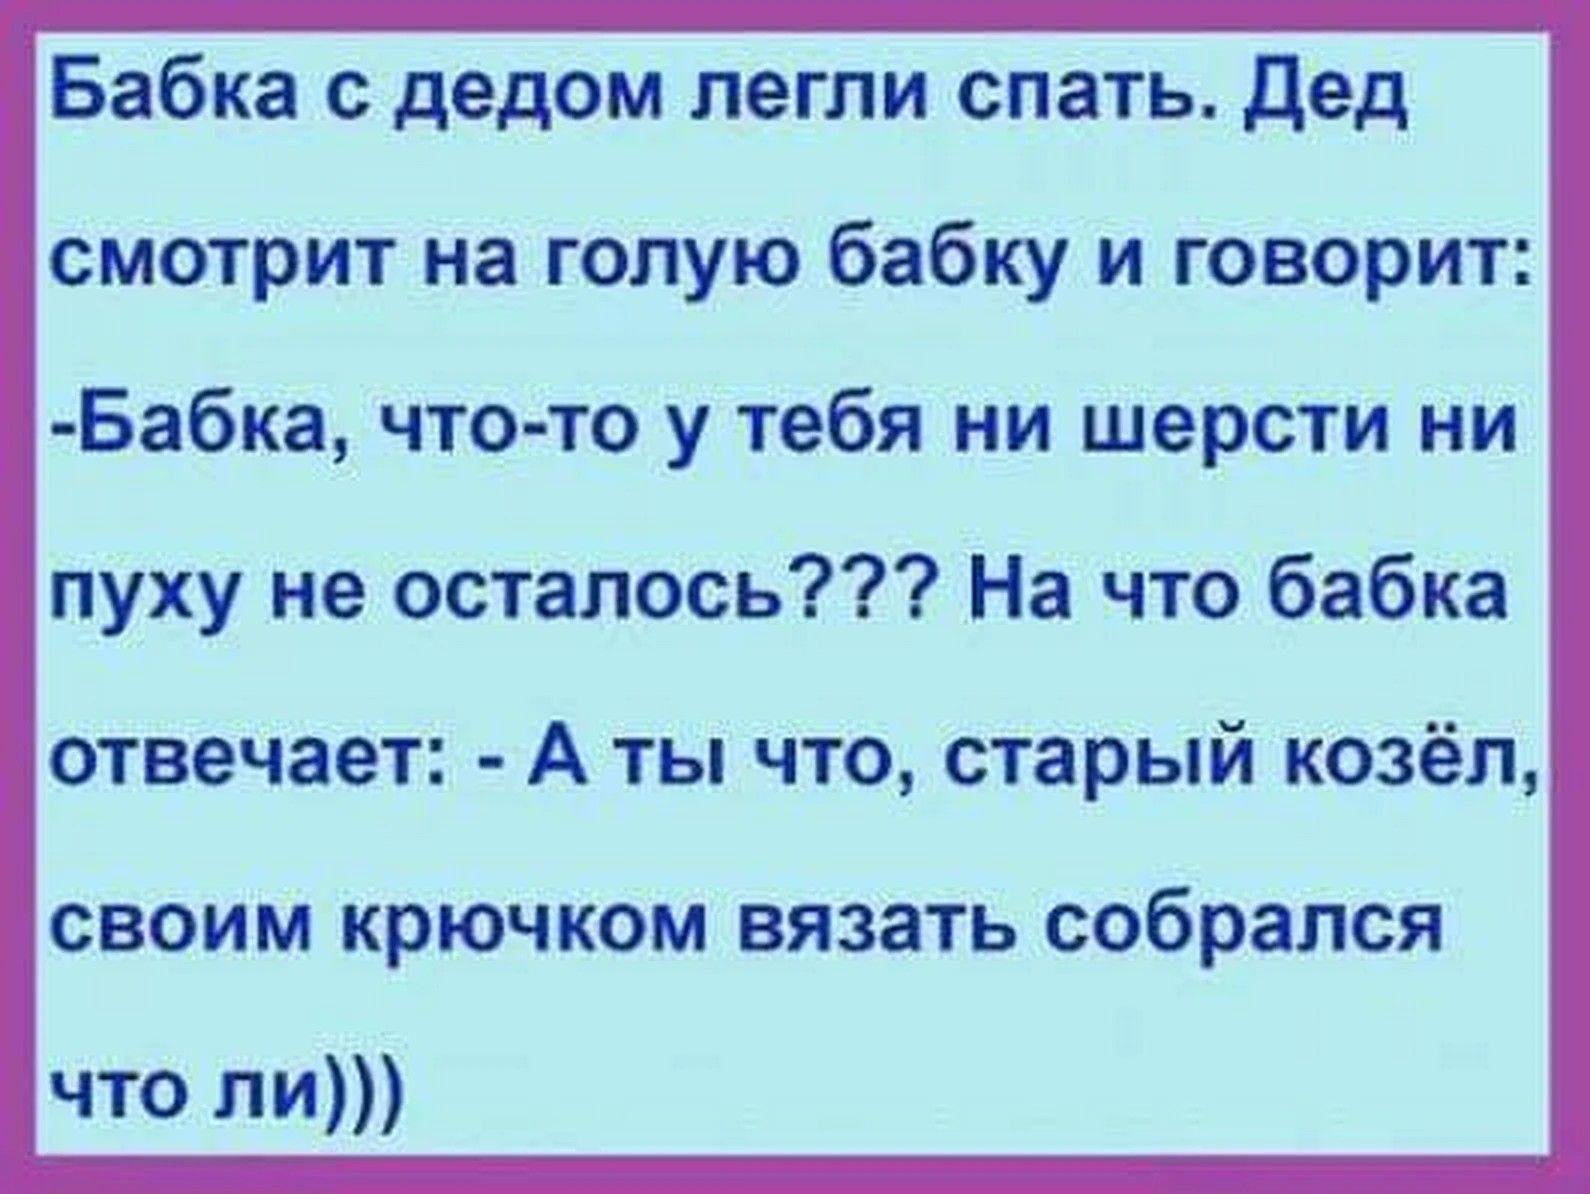 Анекдот Местами